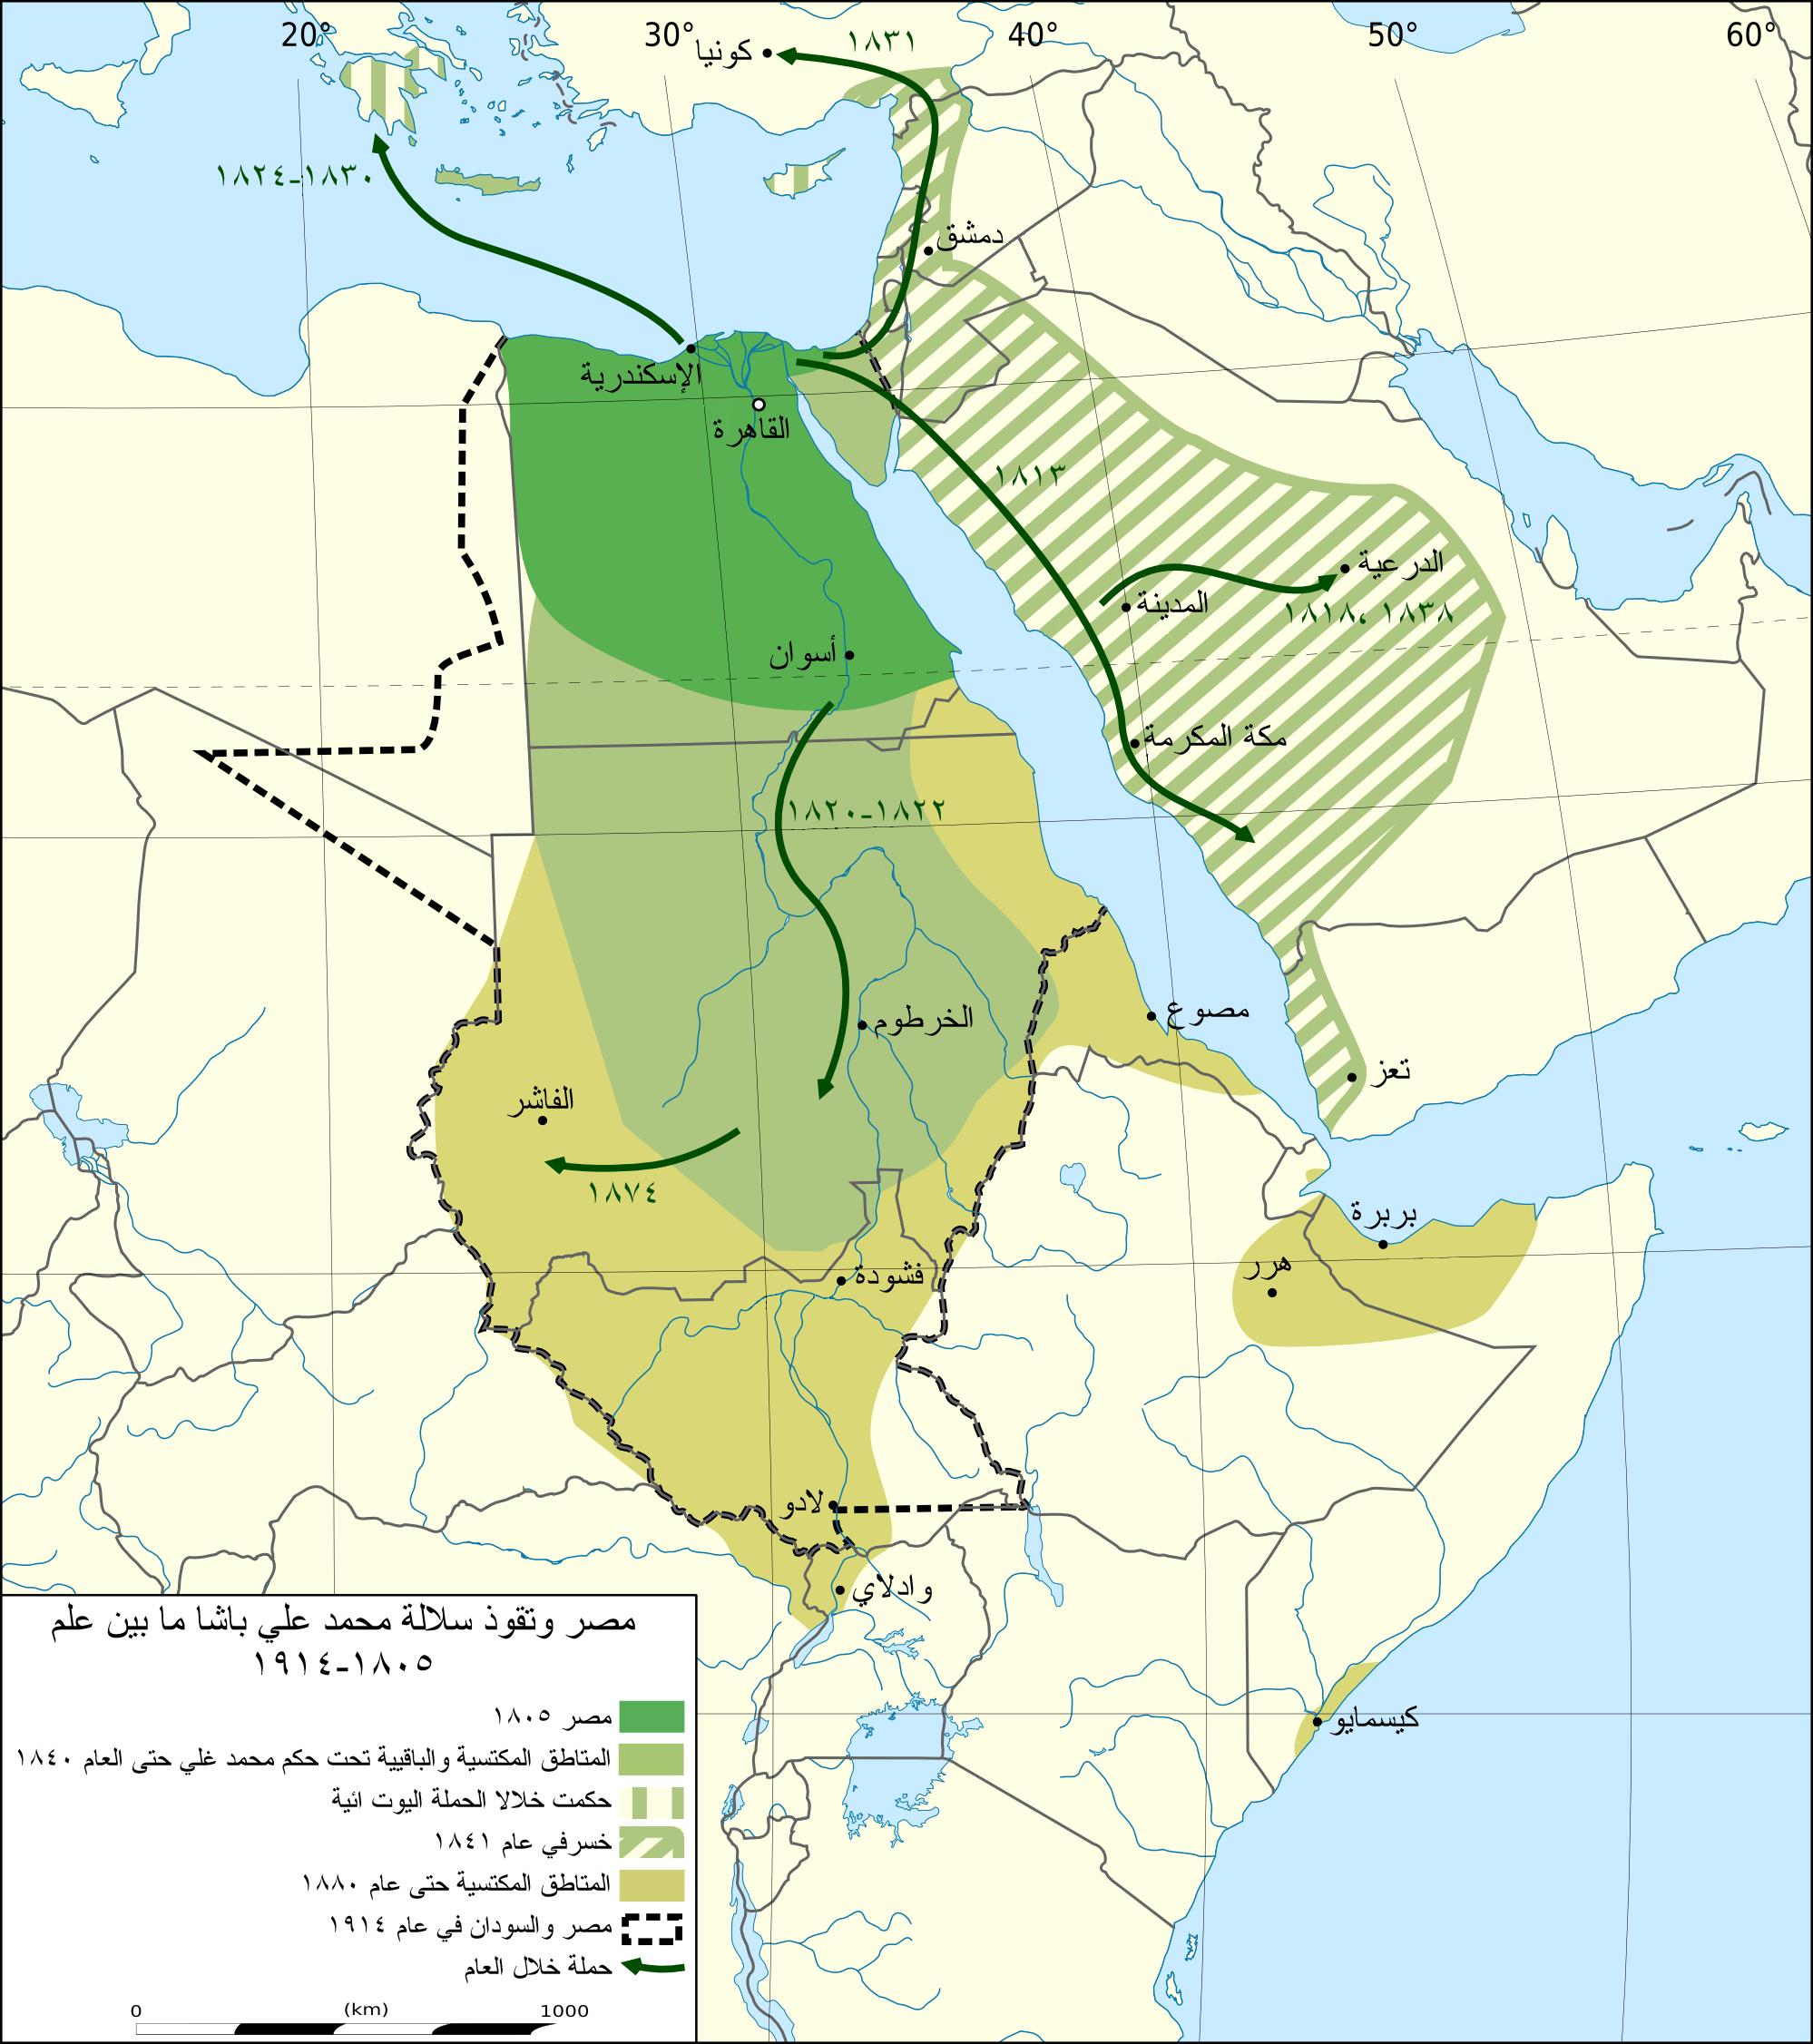 نفوذ سلالة محمد علي باشا، ما بين عام ١٨٠٥-١٩١٤